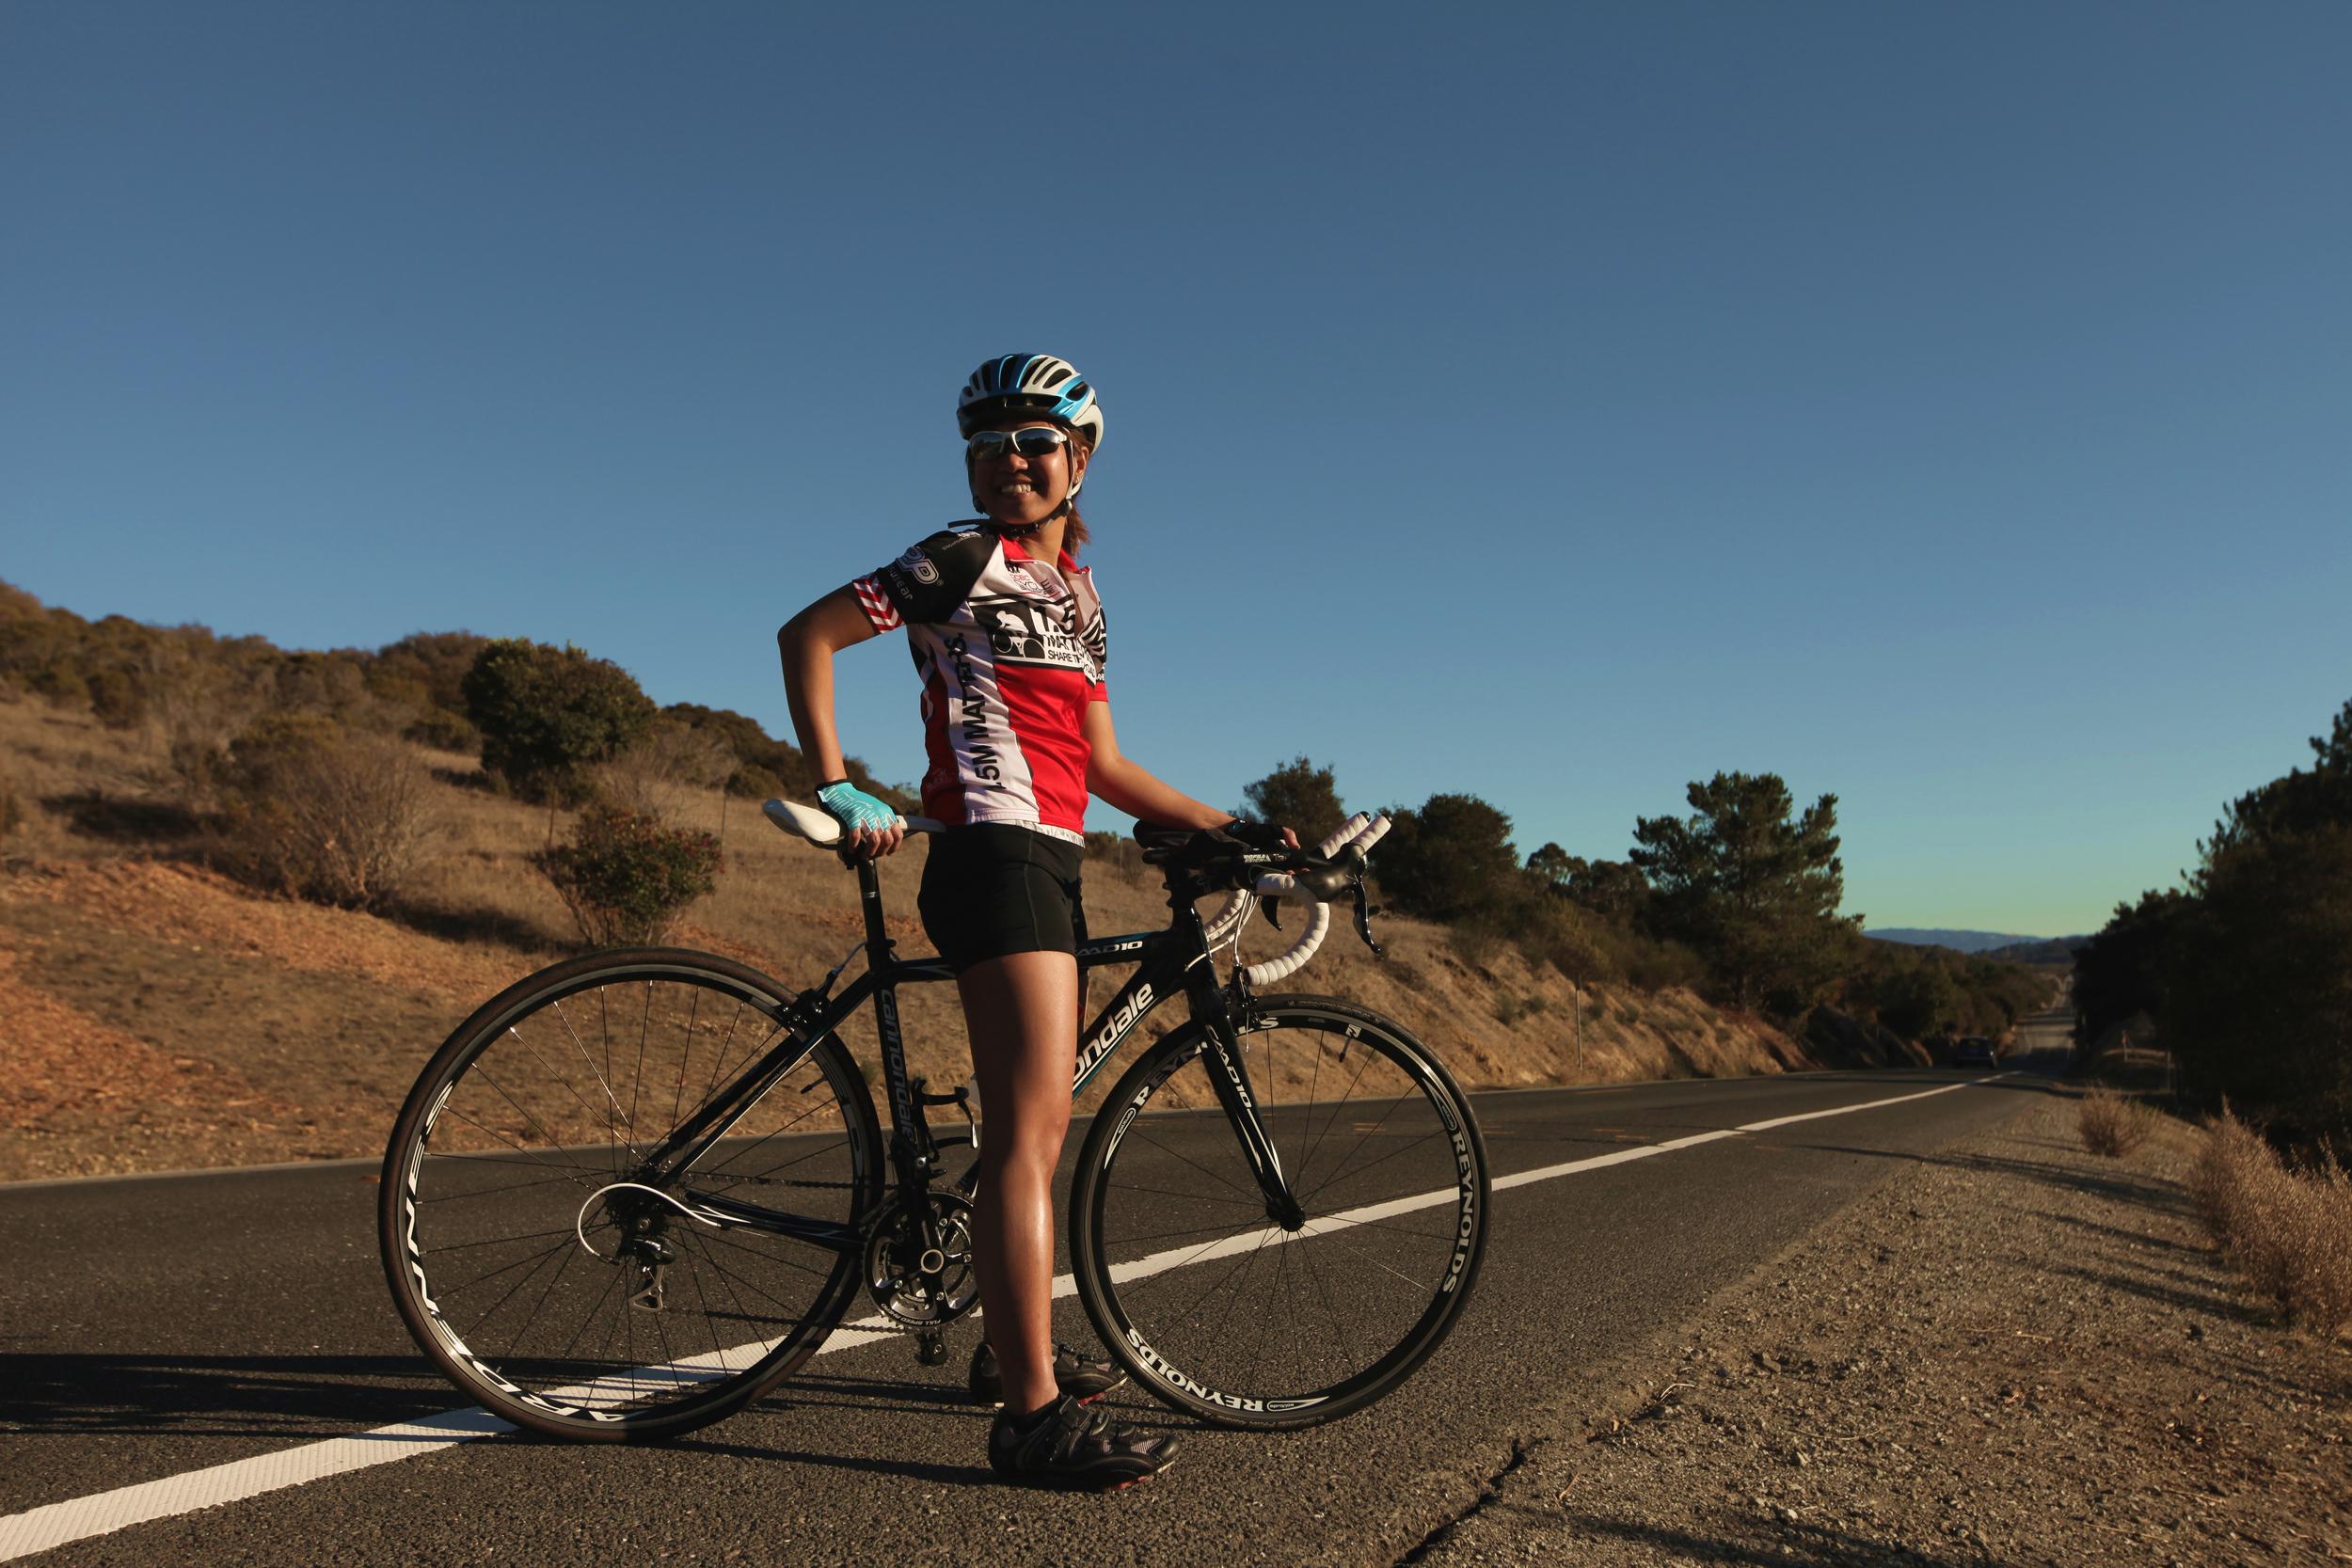 bike-stand-pose-canada-rd.jpg